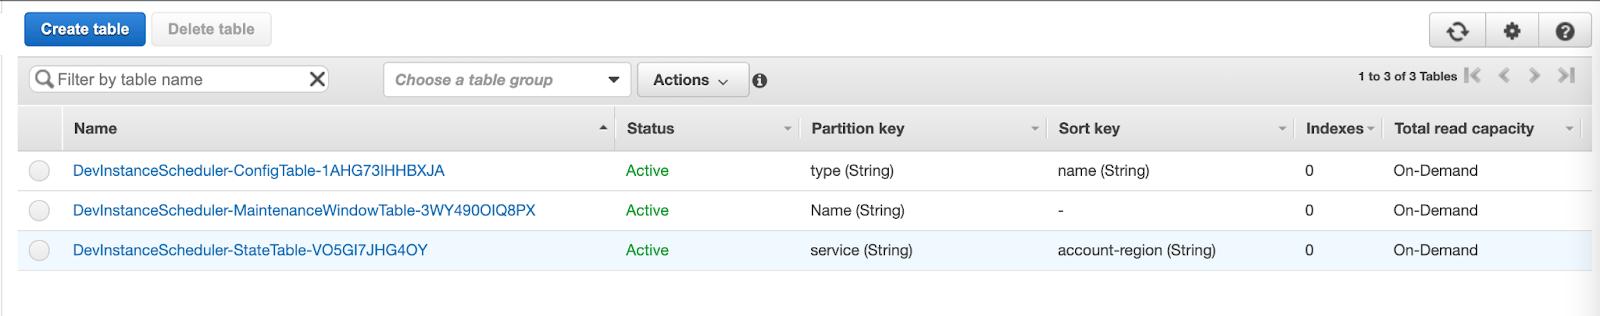 Deployed-Instance-Scheduler-stack